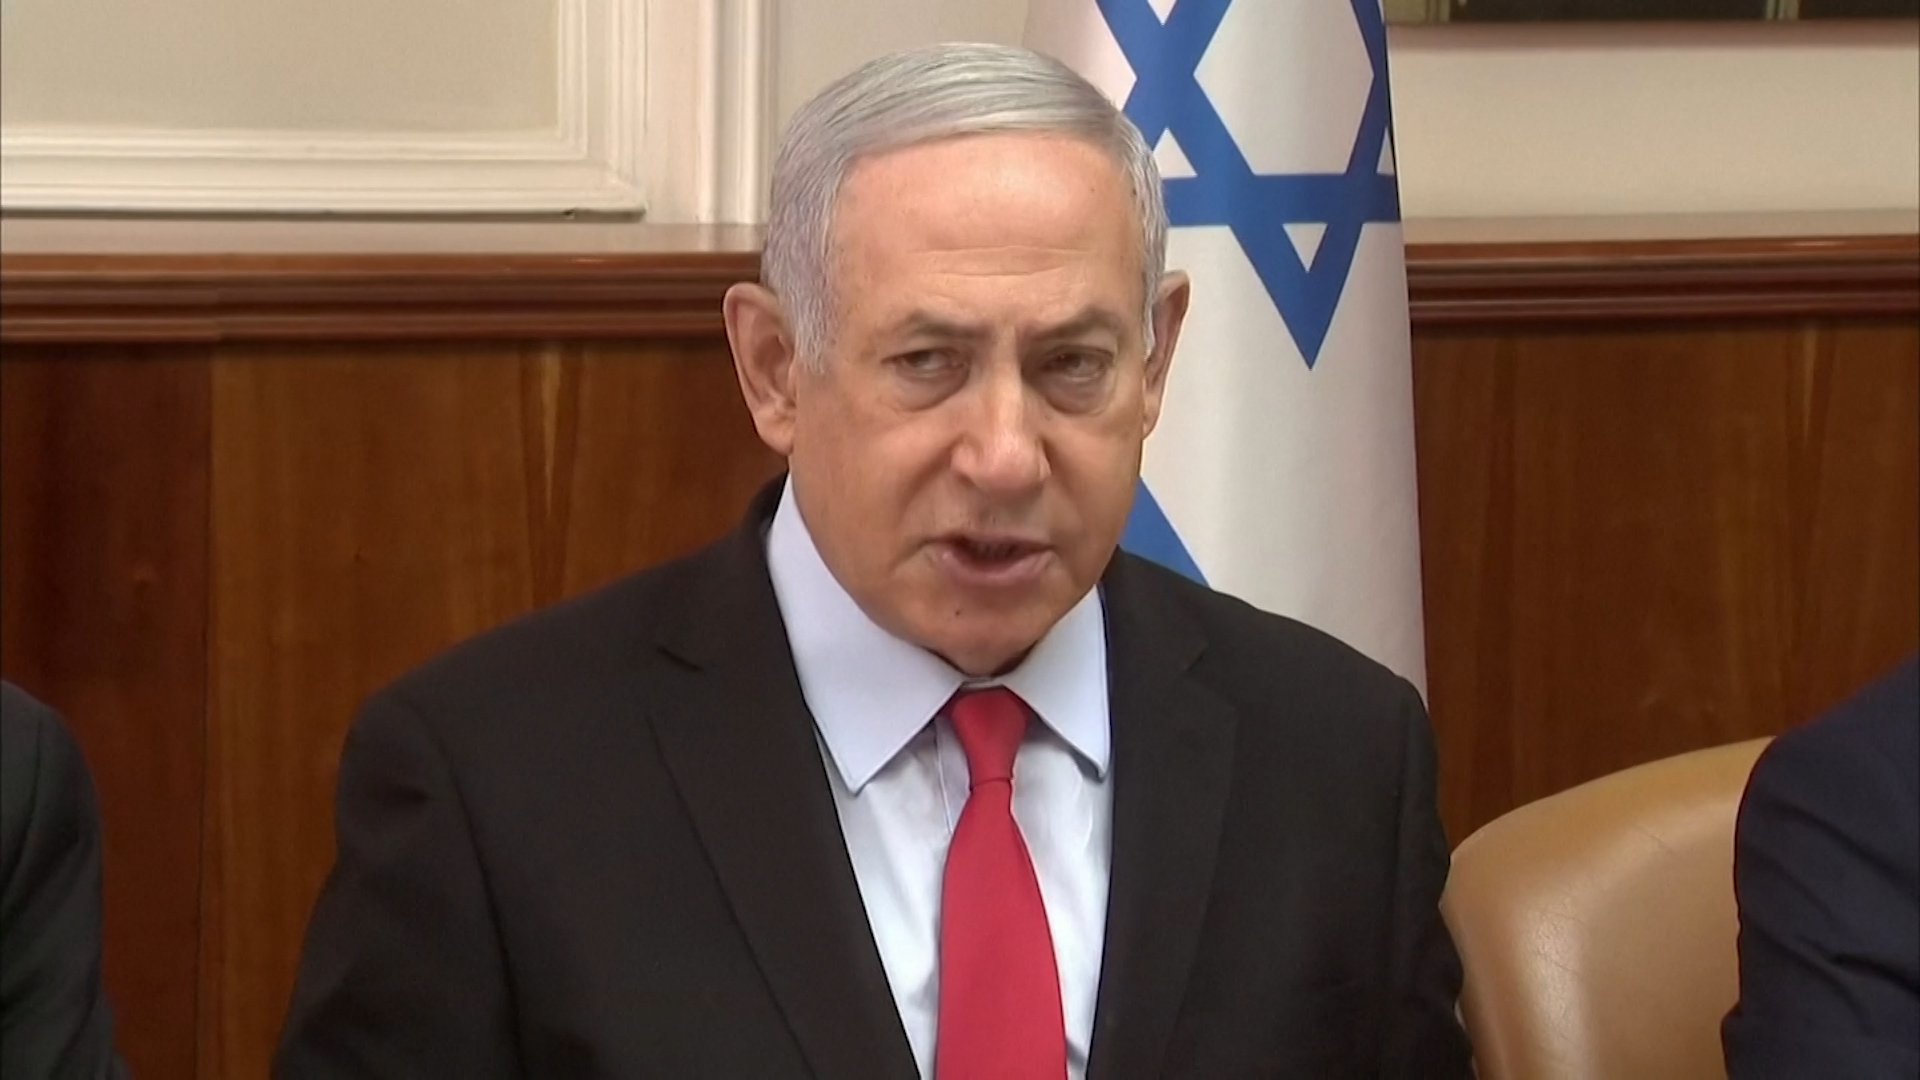 El parlamento debatirá el pedido de inmunidad de Netanyahu